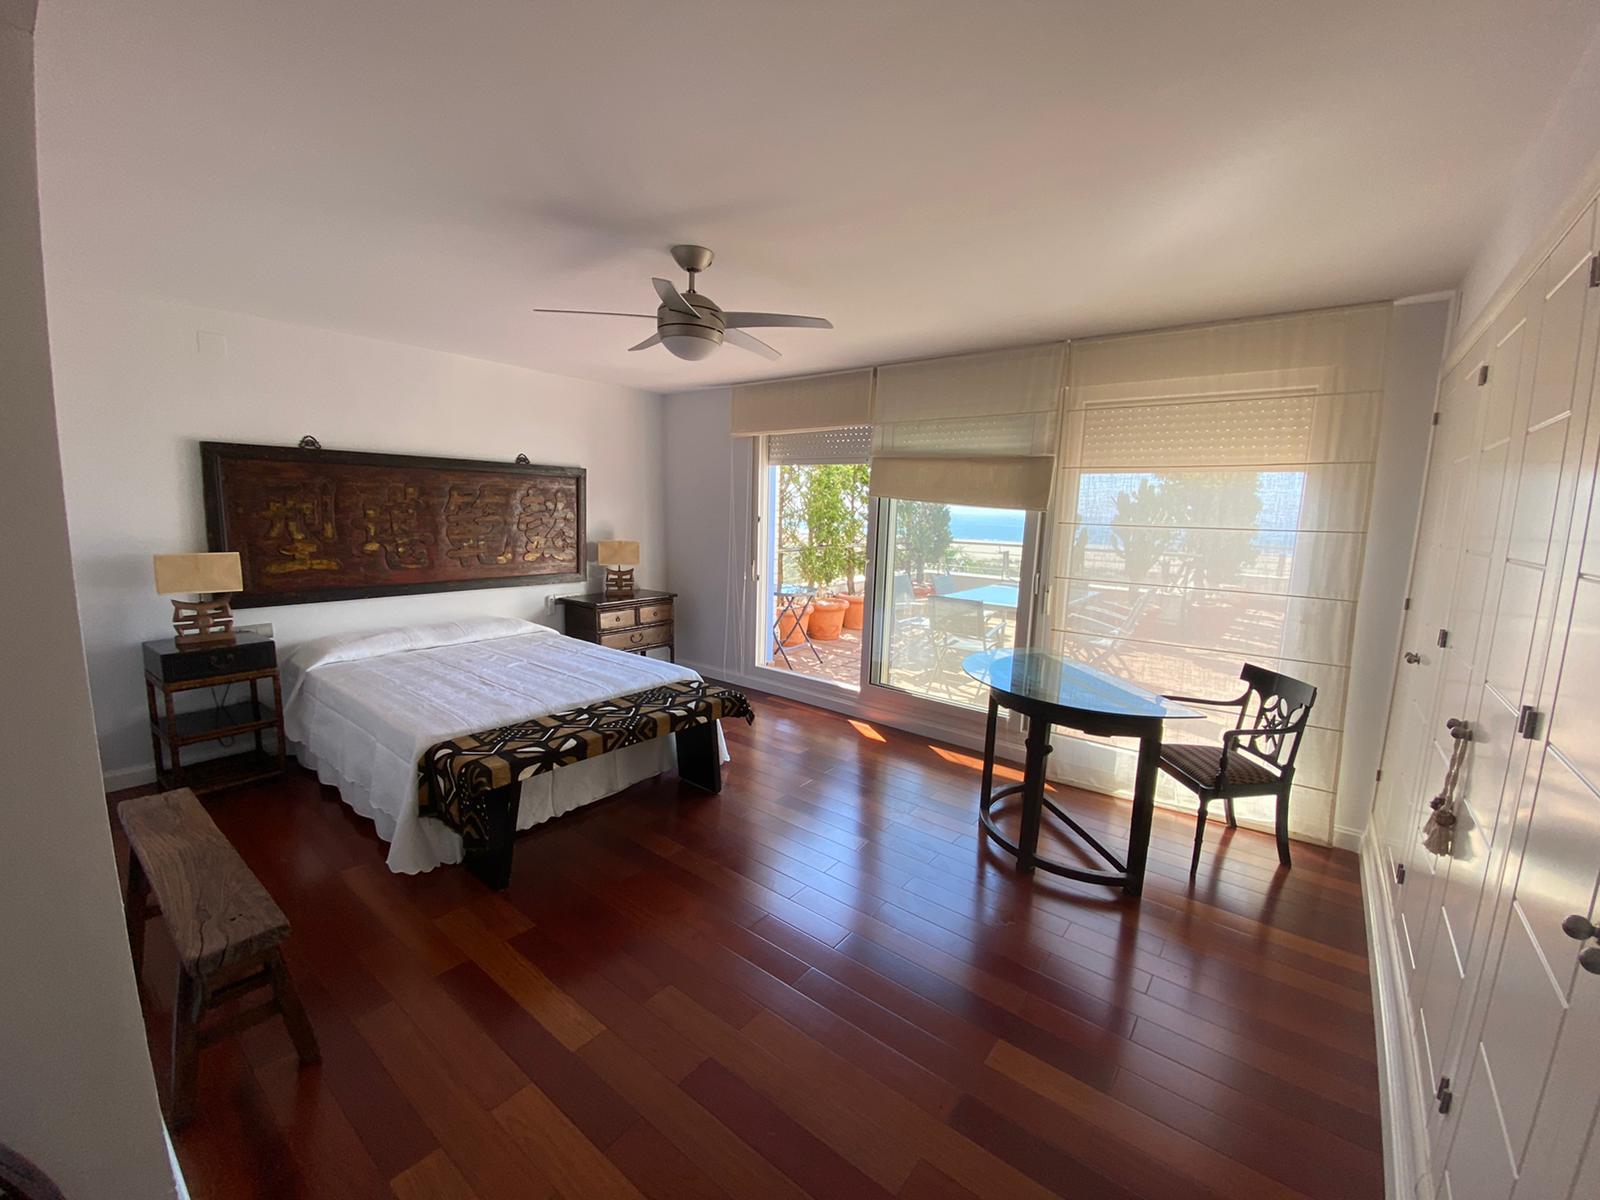 Imagen 1 del Apartamento Turístico, 4ª Planta, nº7, B. Central (3d+2b), Punta del Moral (HUELVA), Paseo de la Cruz nº22